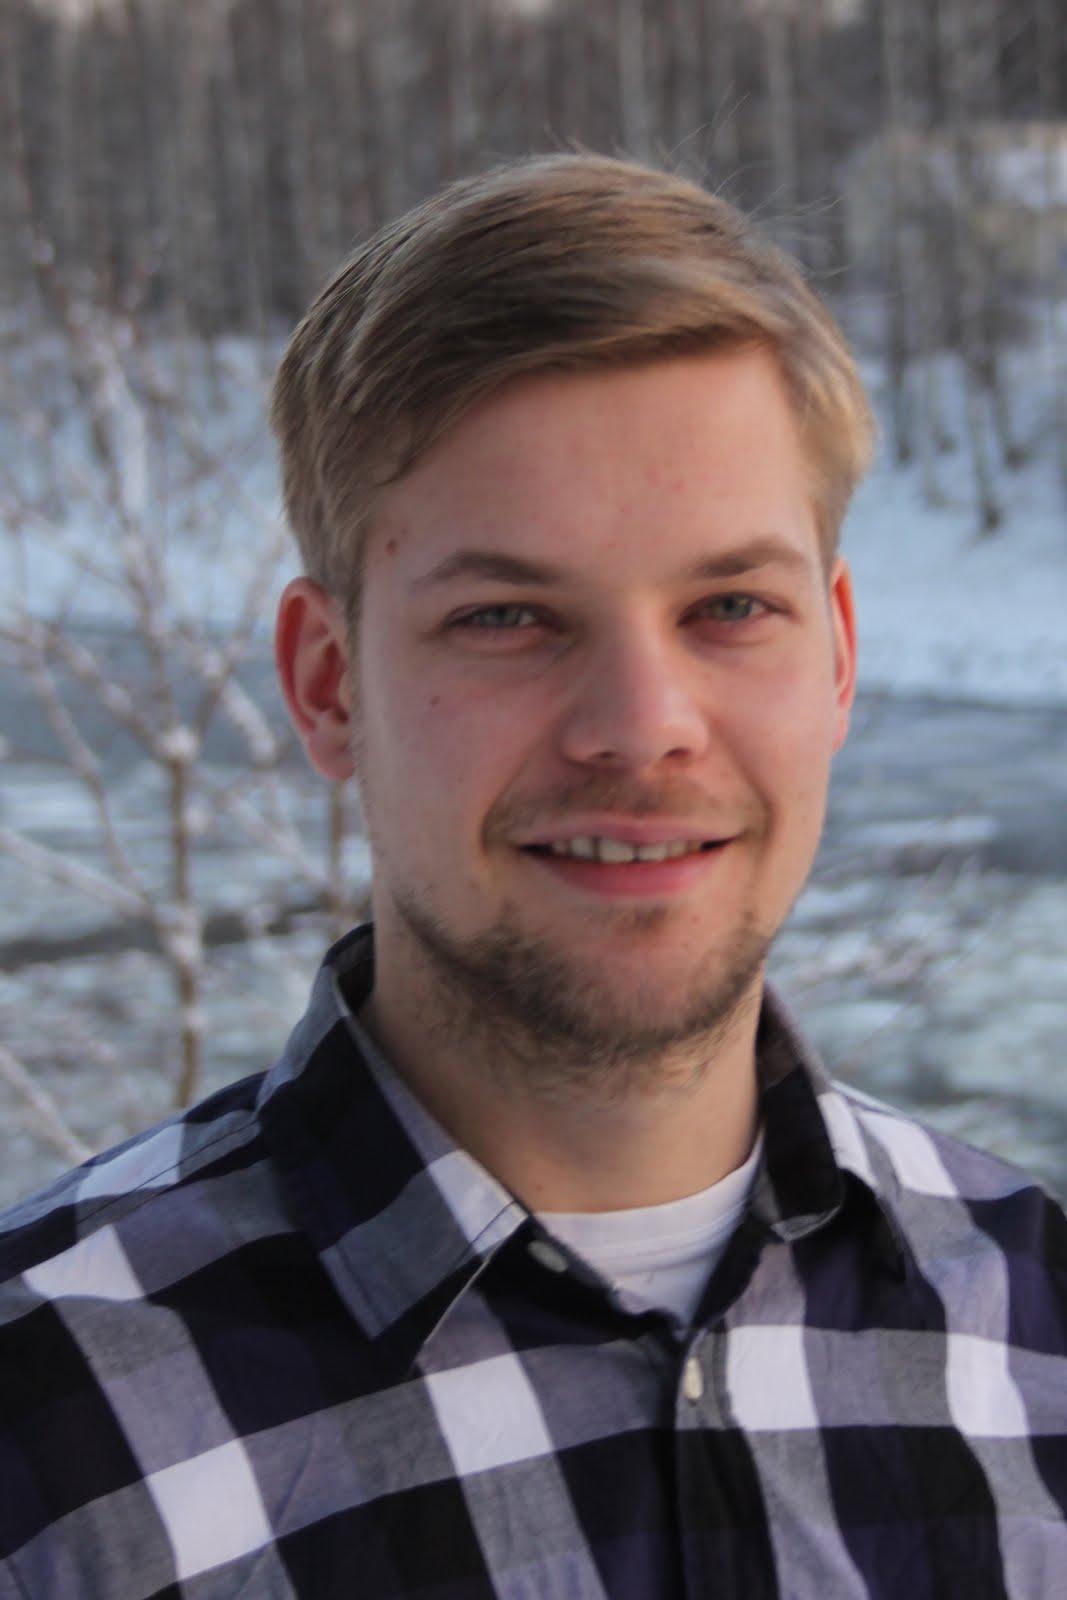 Mikko Toiviainen